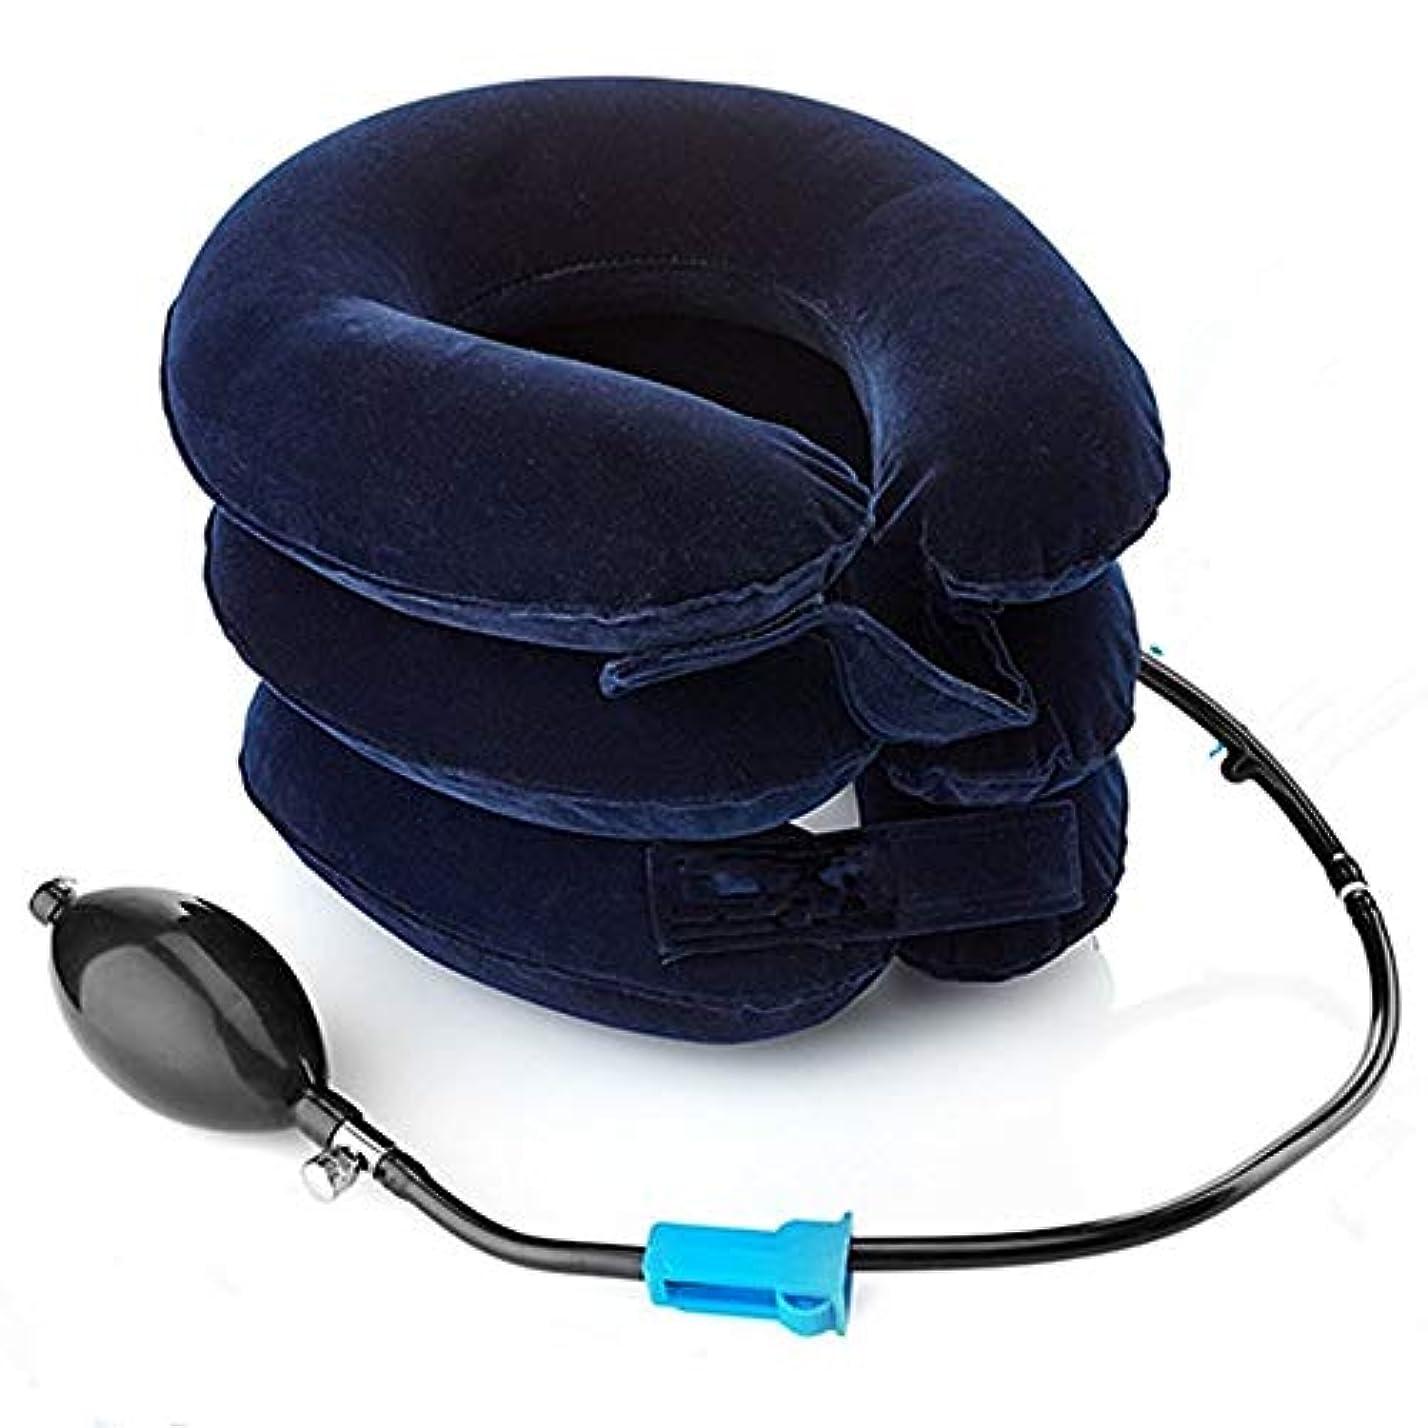 信頼性のある影のある有害な子宮頸管牽引装置FDA登録 - ホームトラクション背骨の整列のためのインフレータブル&調節可能なネックストレッチャーカラー